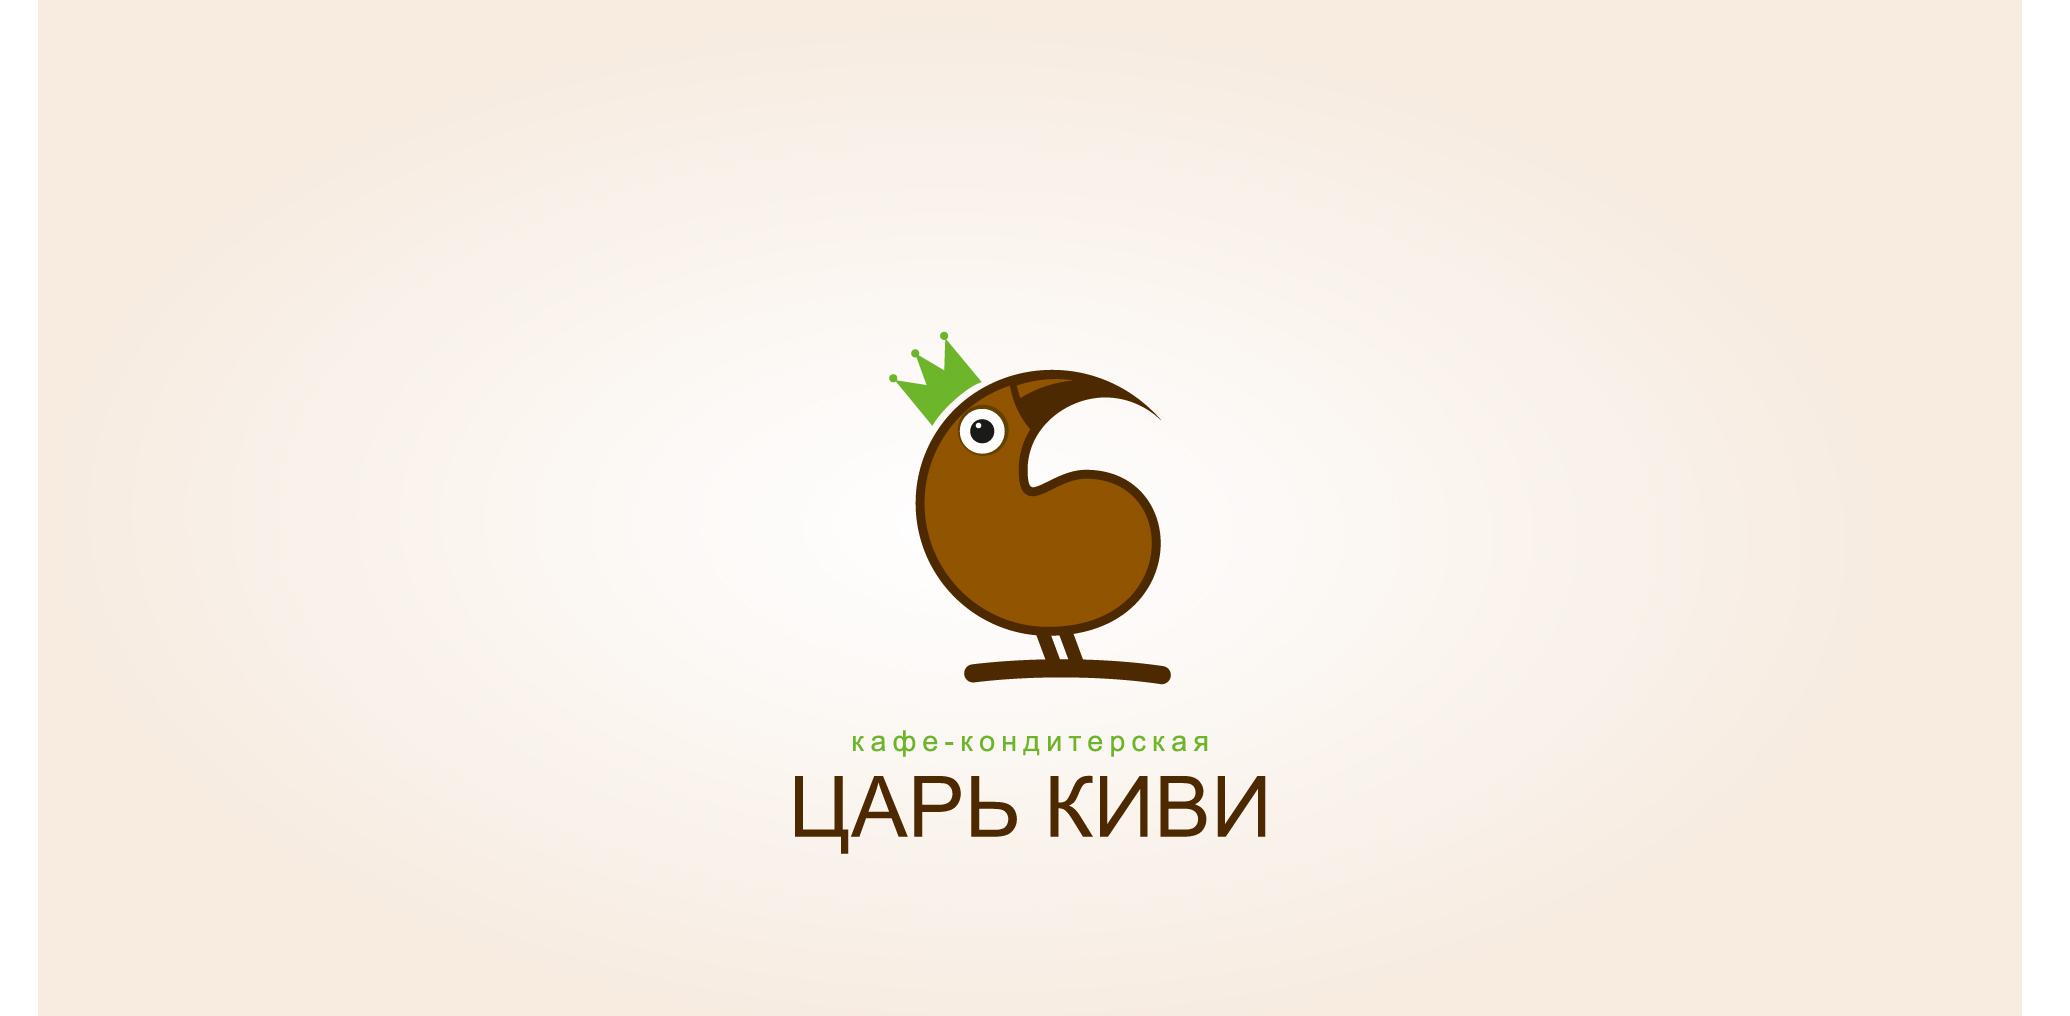 """Доработать дизайн логотипа кафе-кондитерской """"Царь-Киви"""" фото f_1445a07668a712ac.jpg"""